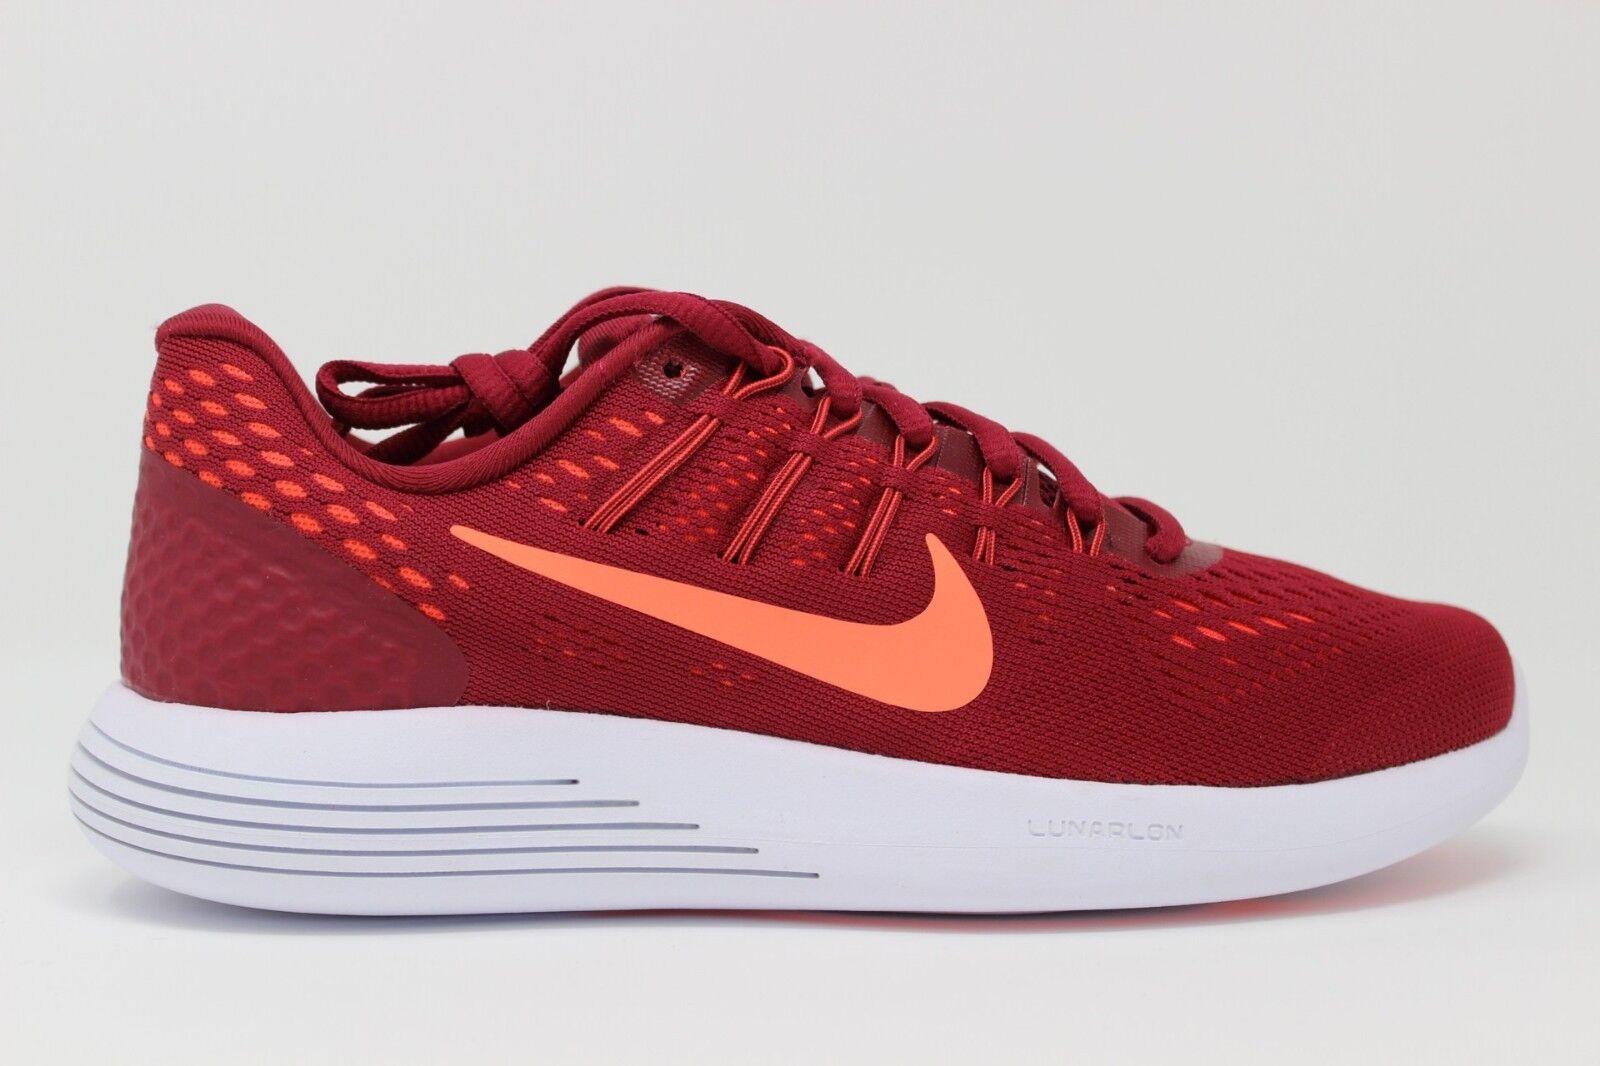 Nike women Lunarglide 843726 600 Noble red Brillante Mango Nuovo